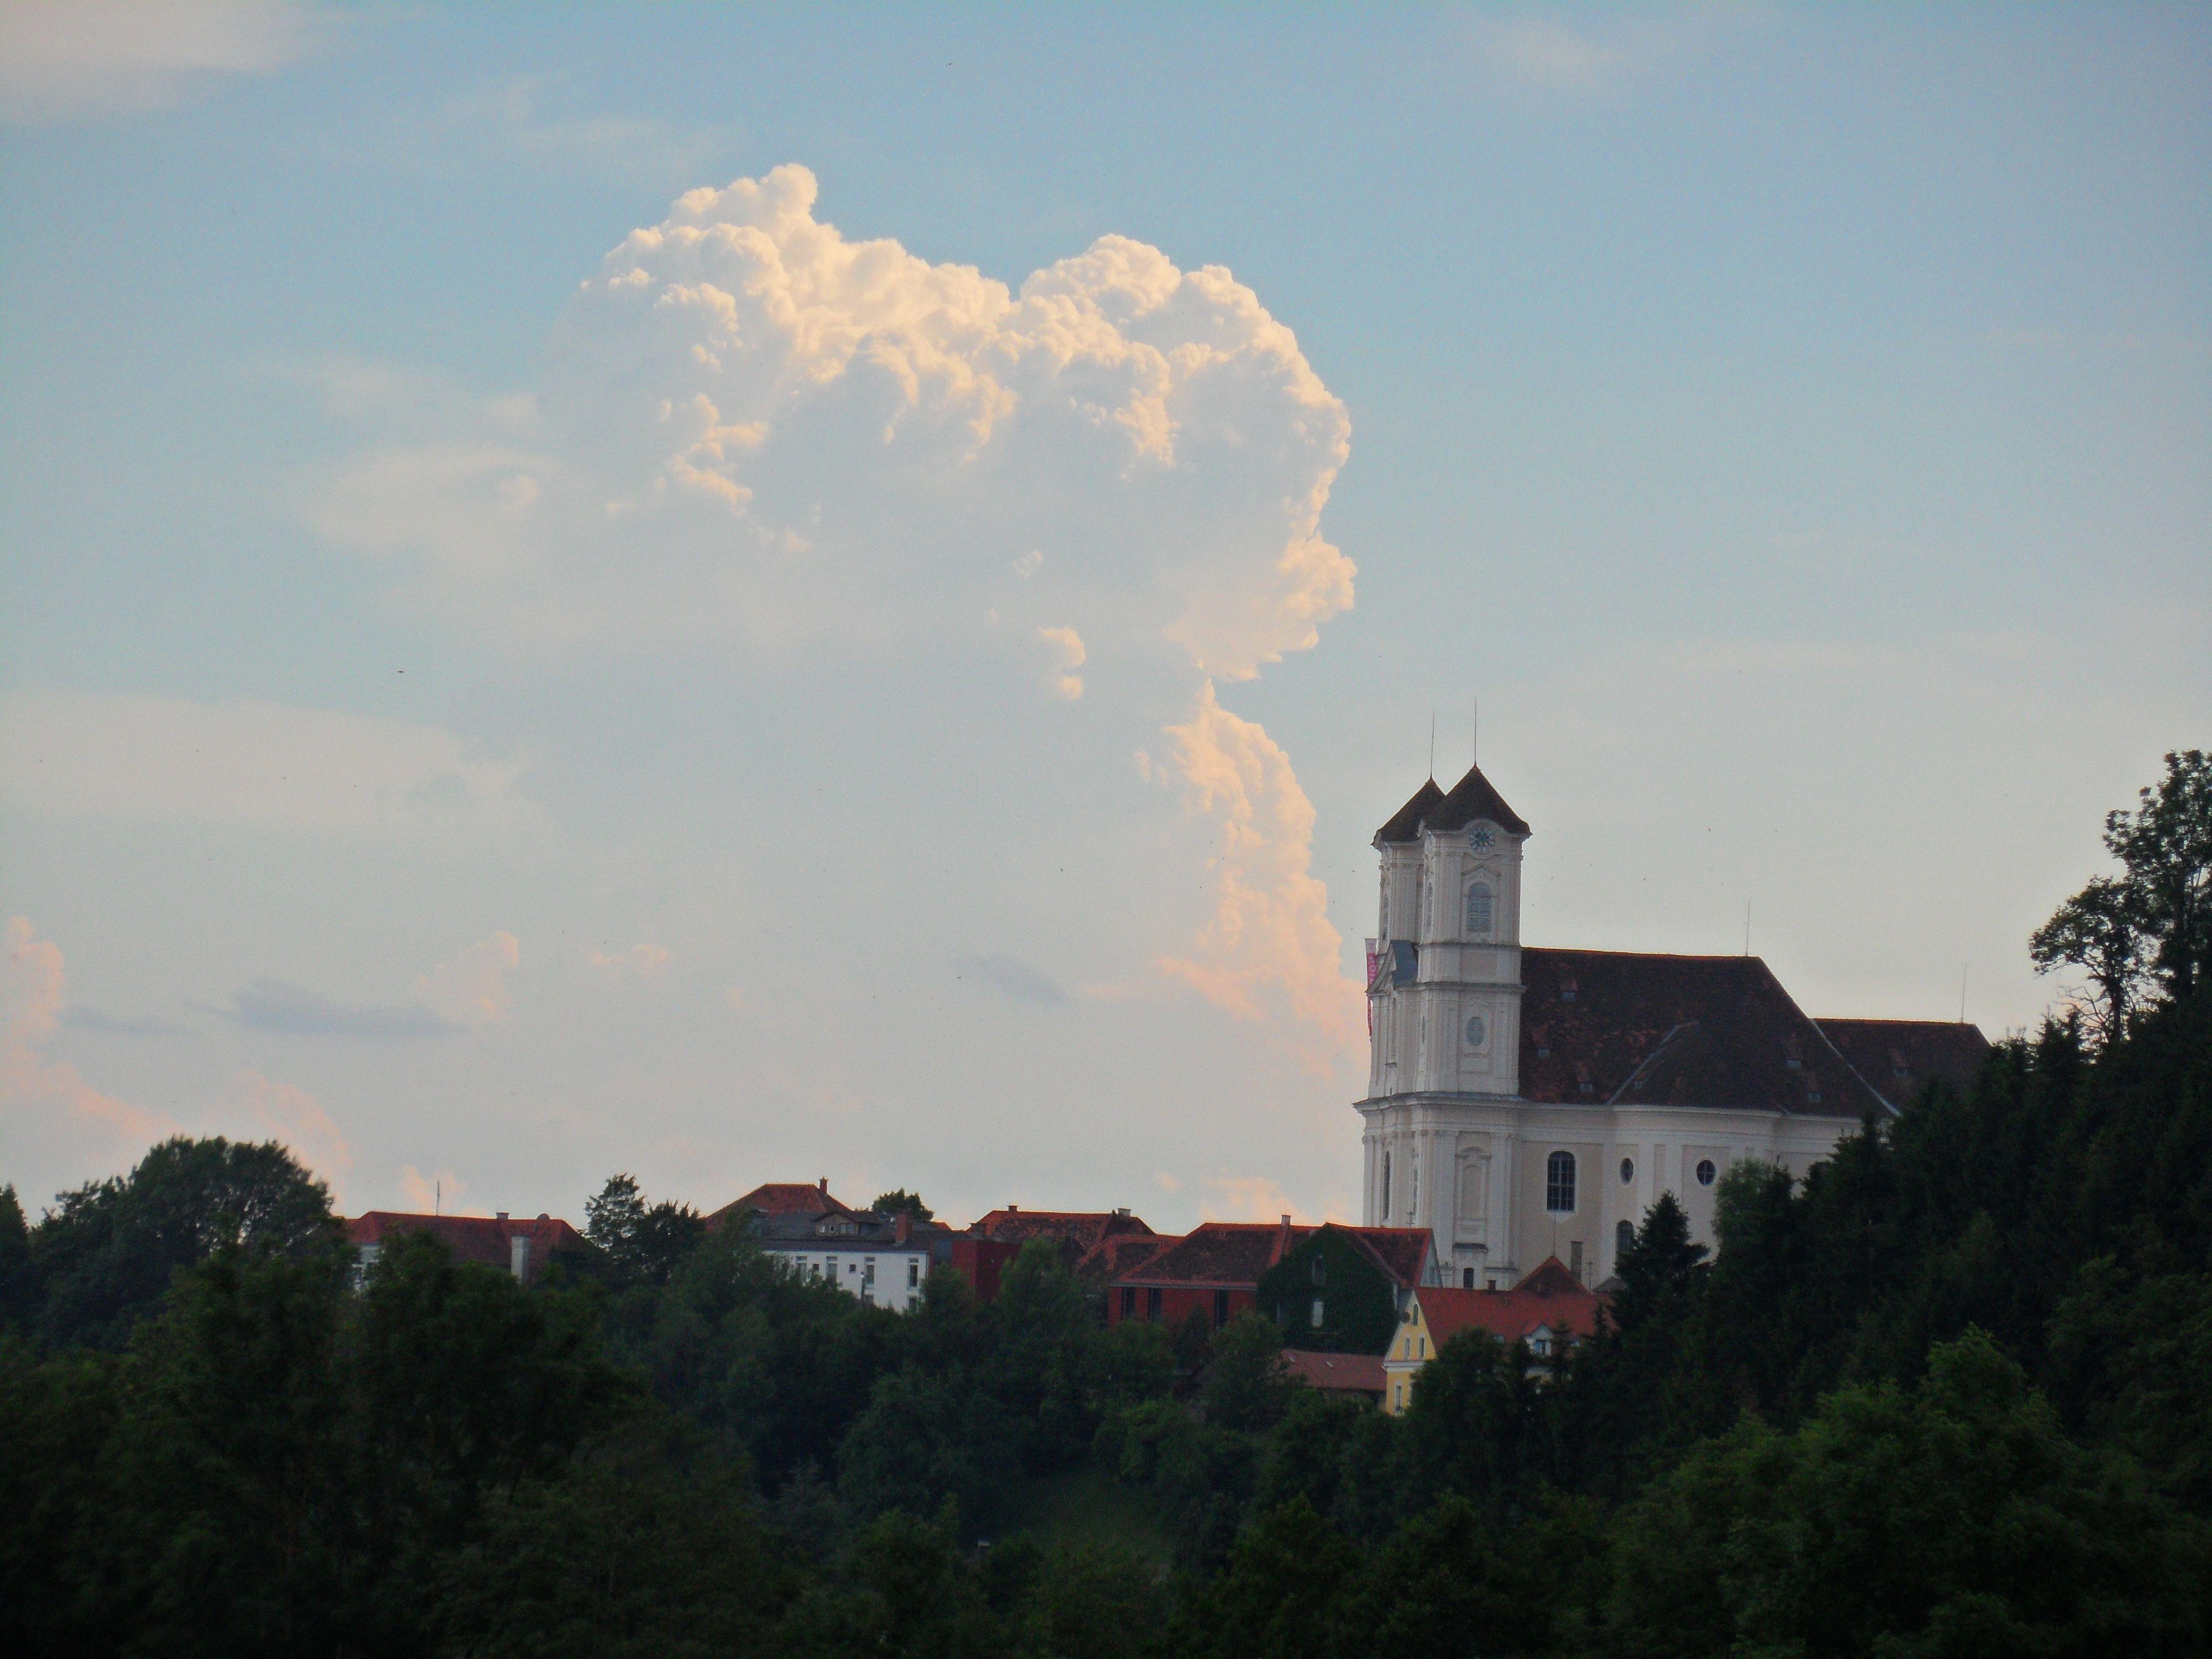 07.06.2014: Gewitterturm über der Weizbergkirche